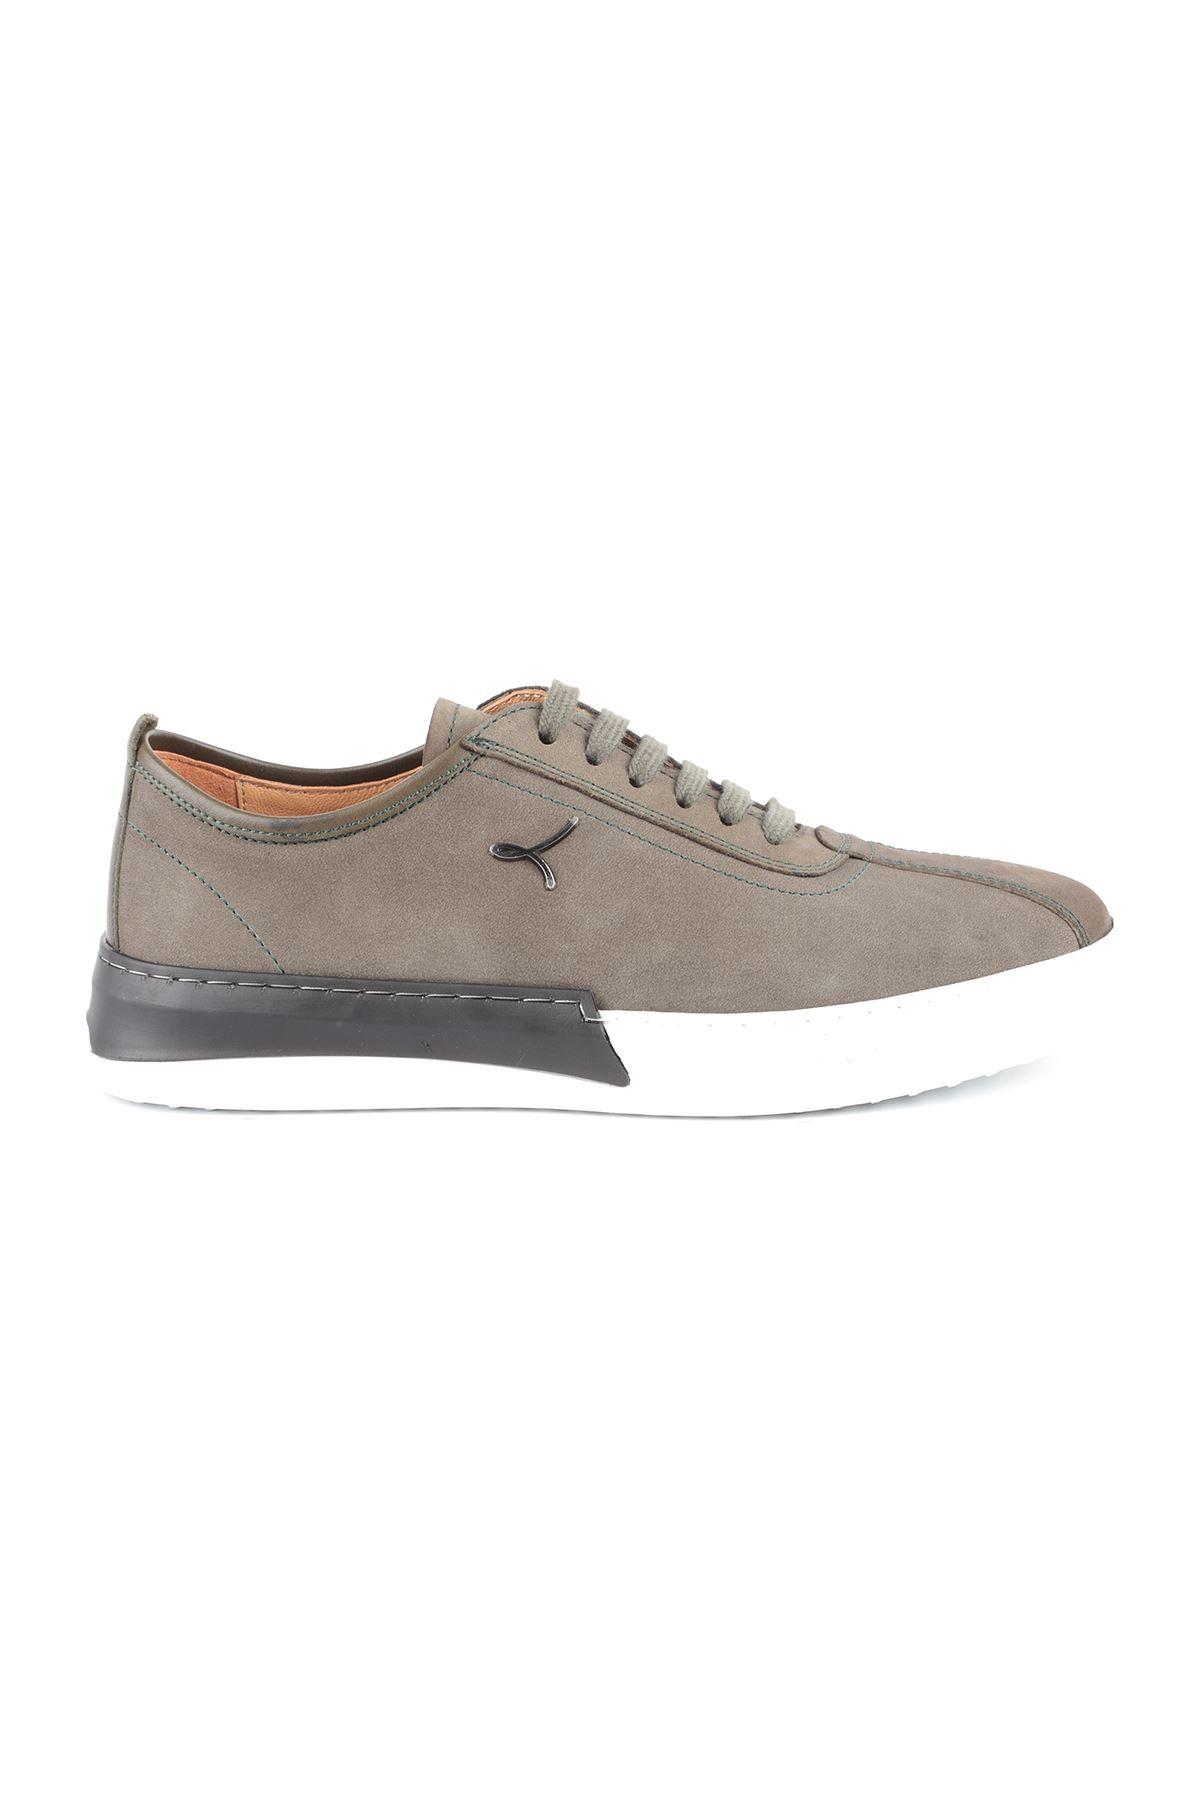 Libero L3674 Haki Erkek Spor Ayakkabı